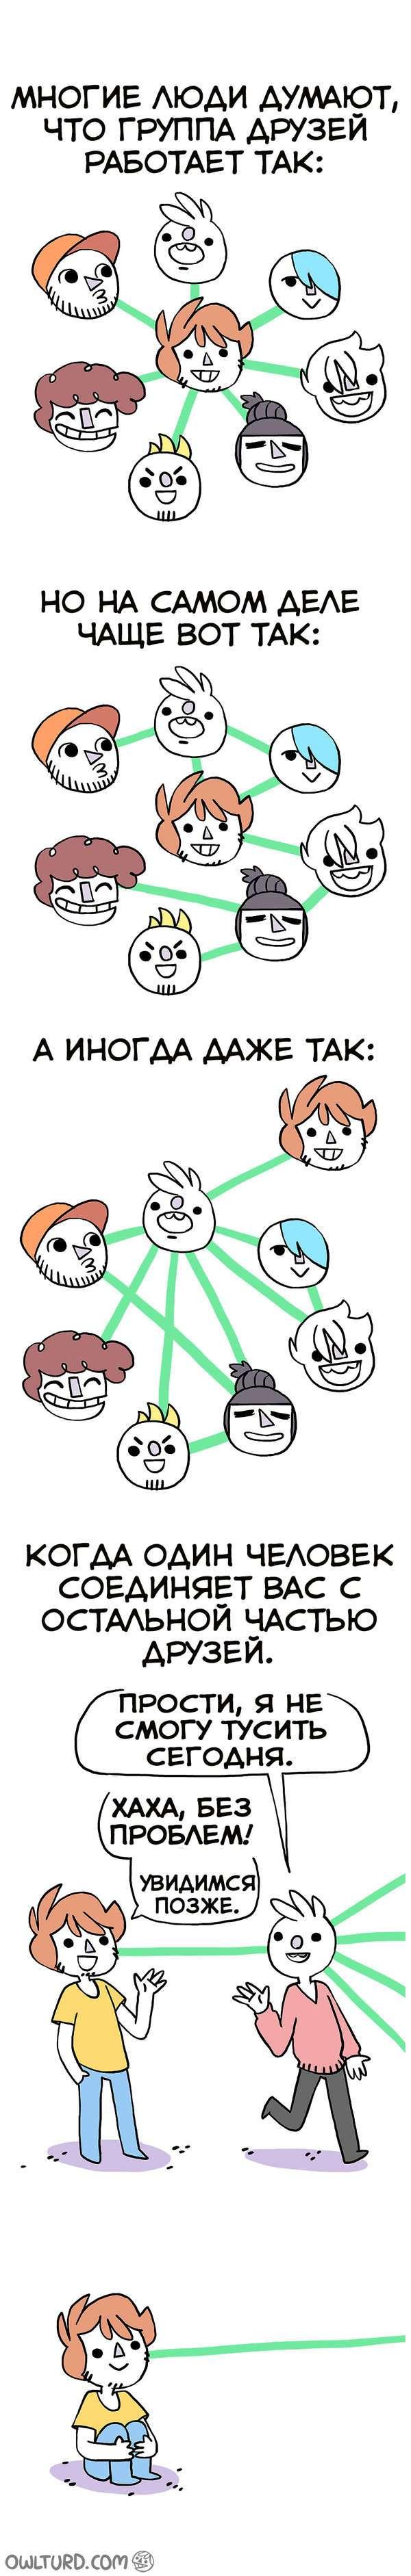 12 смешных и философских комиксов о нашей жизни, которые обожает весь интернет